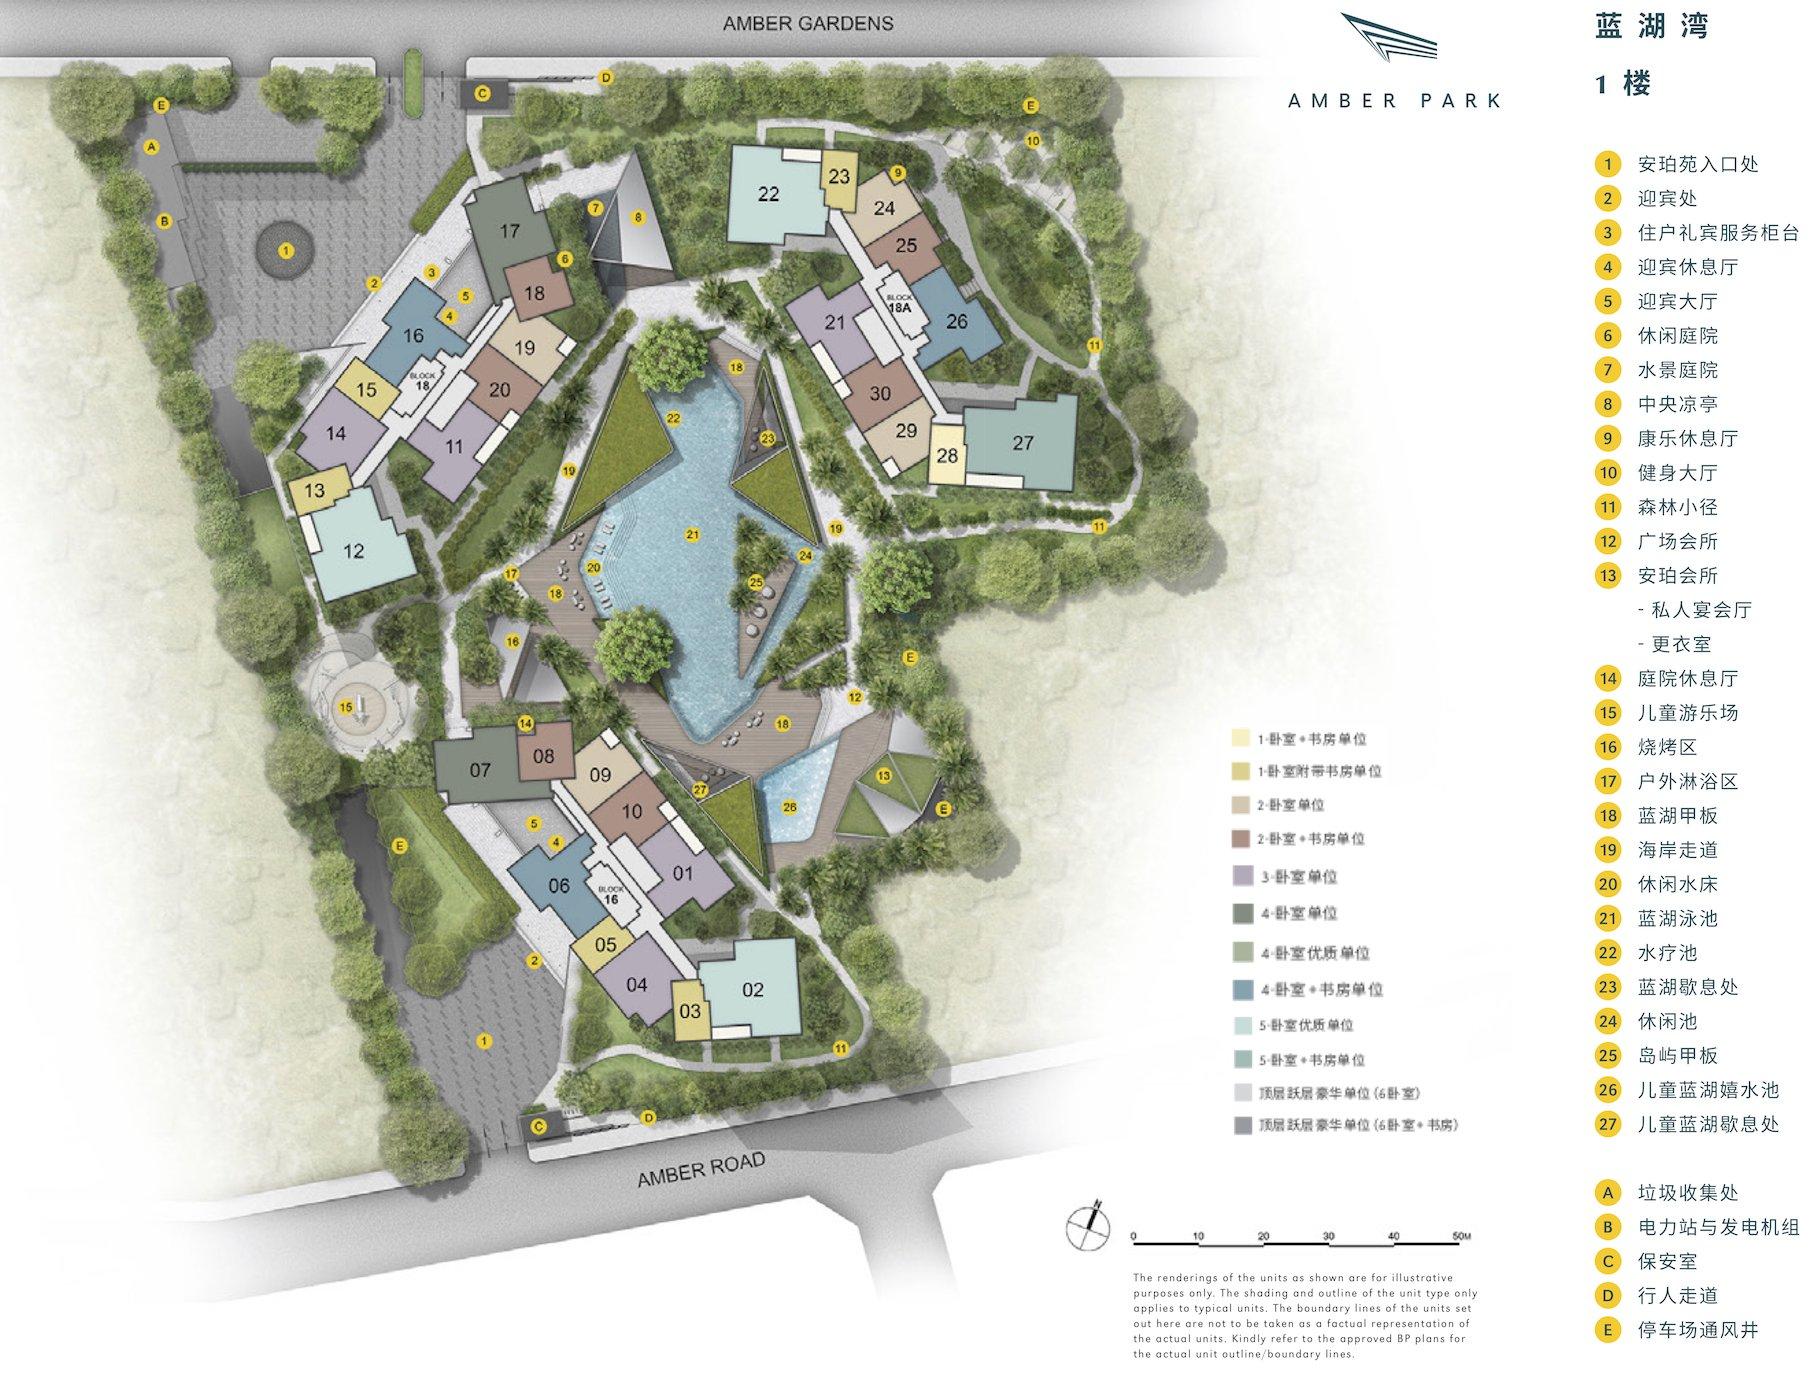 Amber Park 安铂苑 site plan 平面设计图